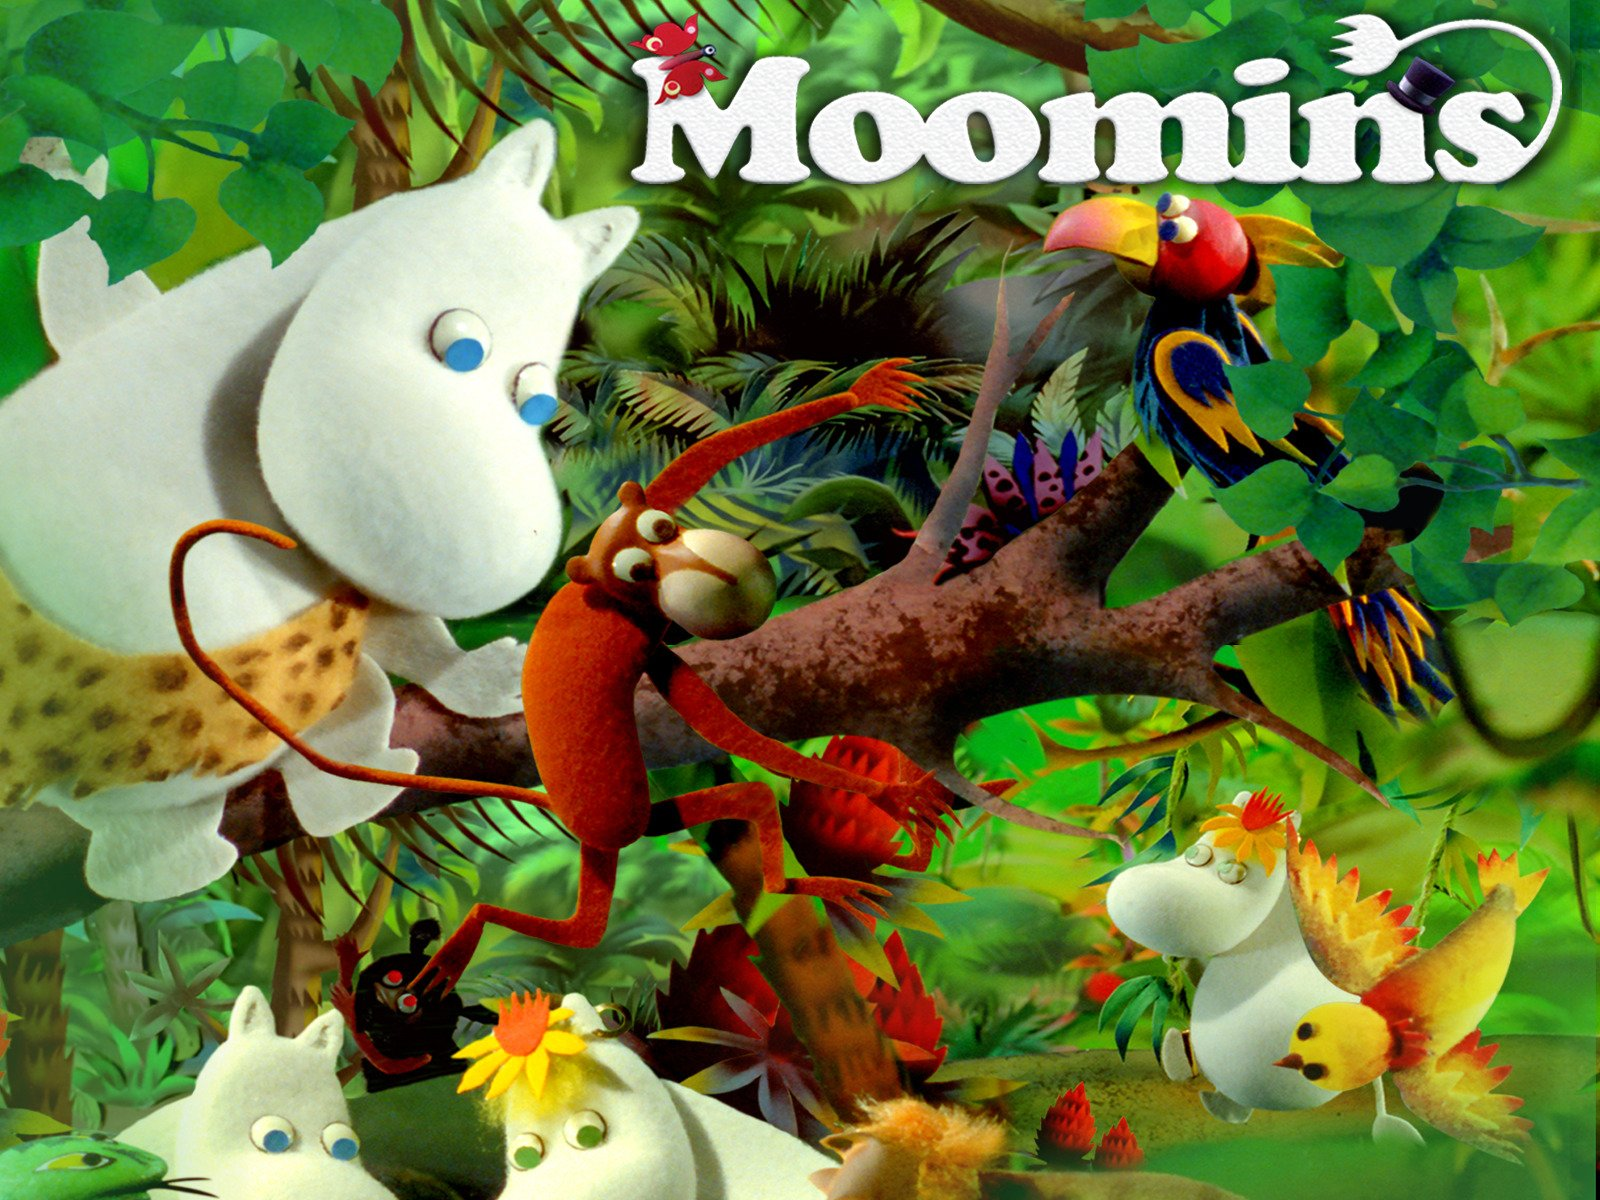 Amazon co uk: Watch Moomins | Prime Video